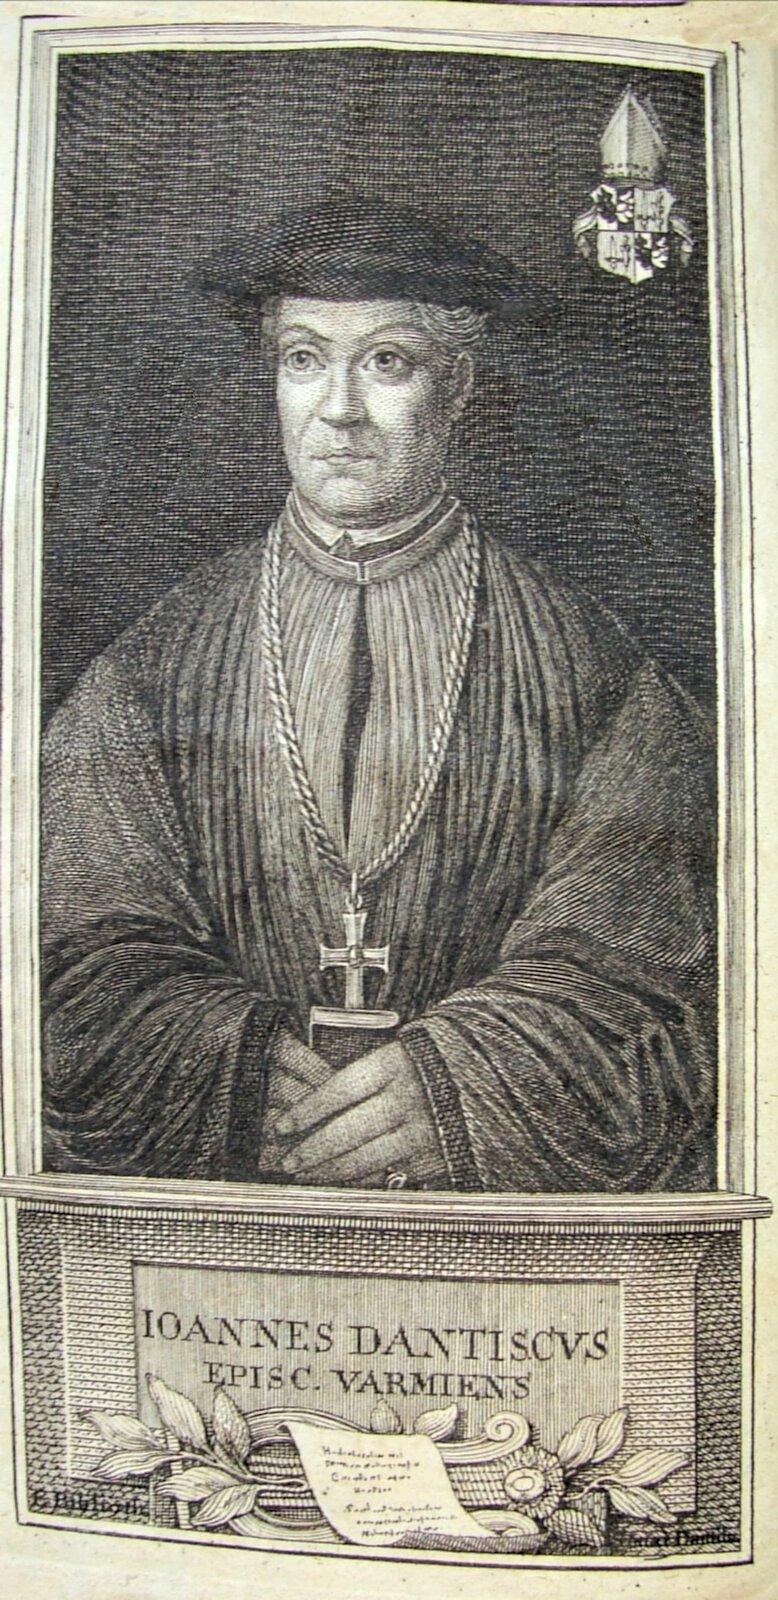 Jan Dantyszek jako biskup warmiński wg drzeworytu zXVIII w. Źródło: Jan Dantyszek jako biskup warmiński wg drzeworytu zXVIII w., 1764, domena publiczna.